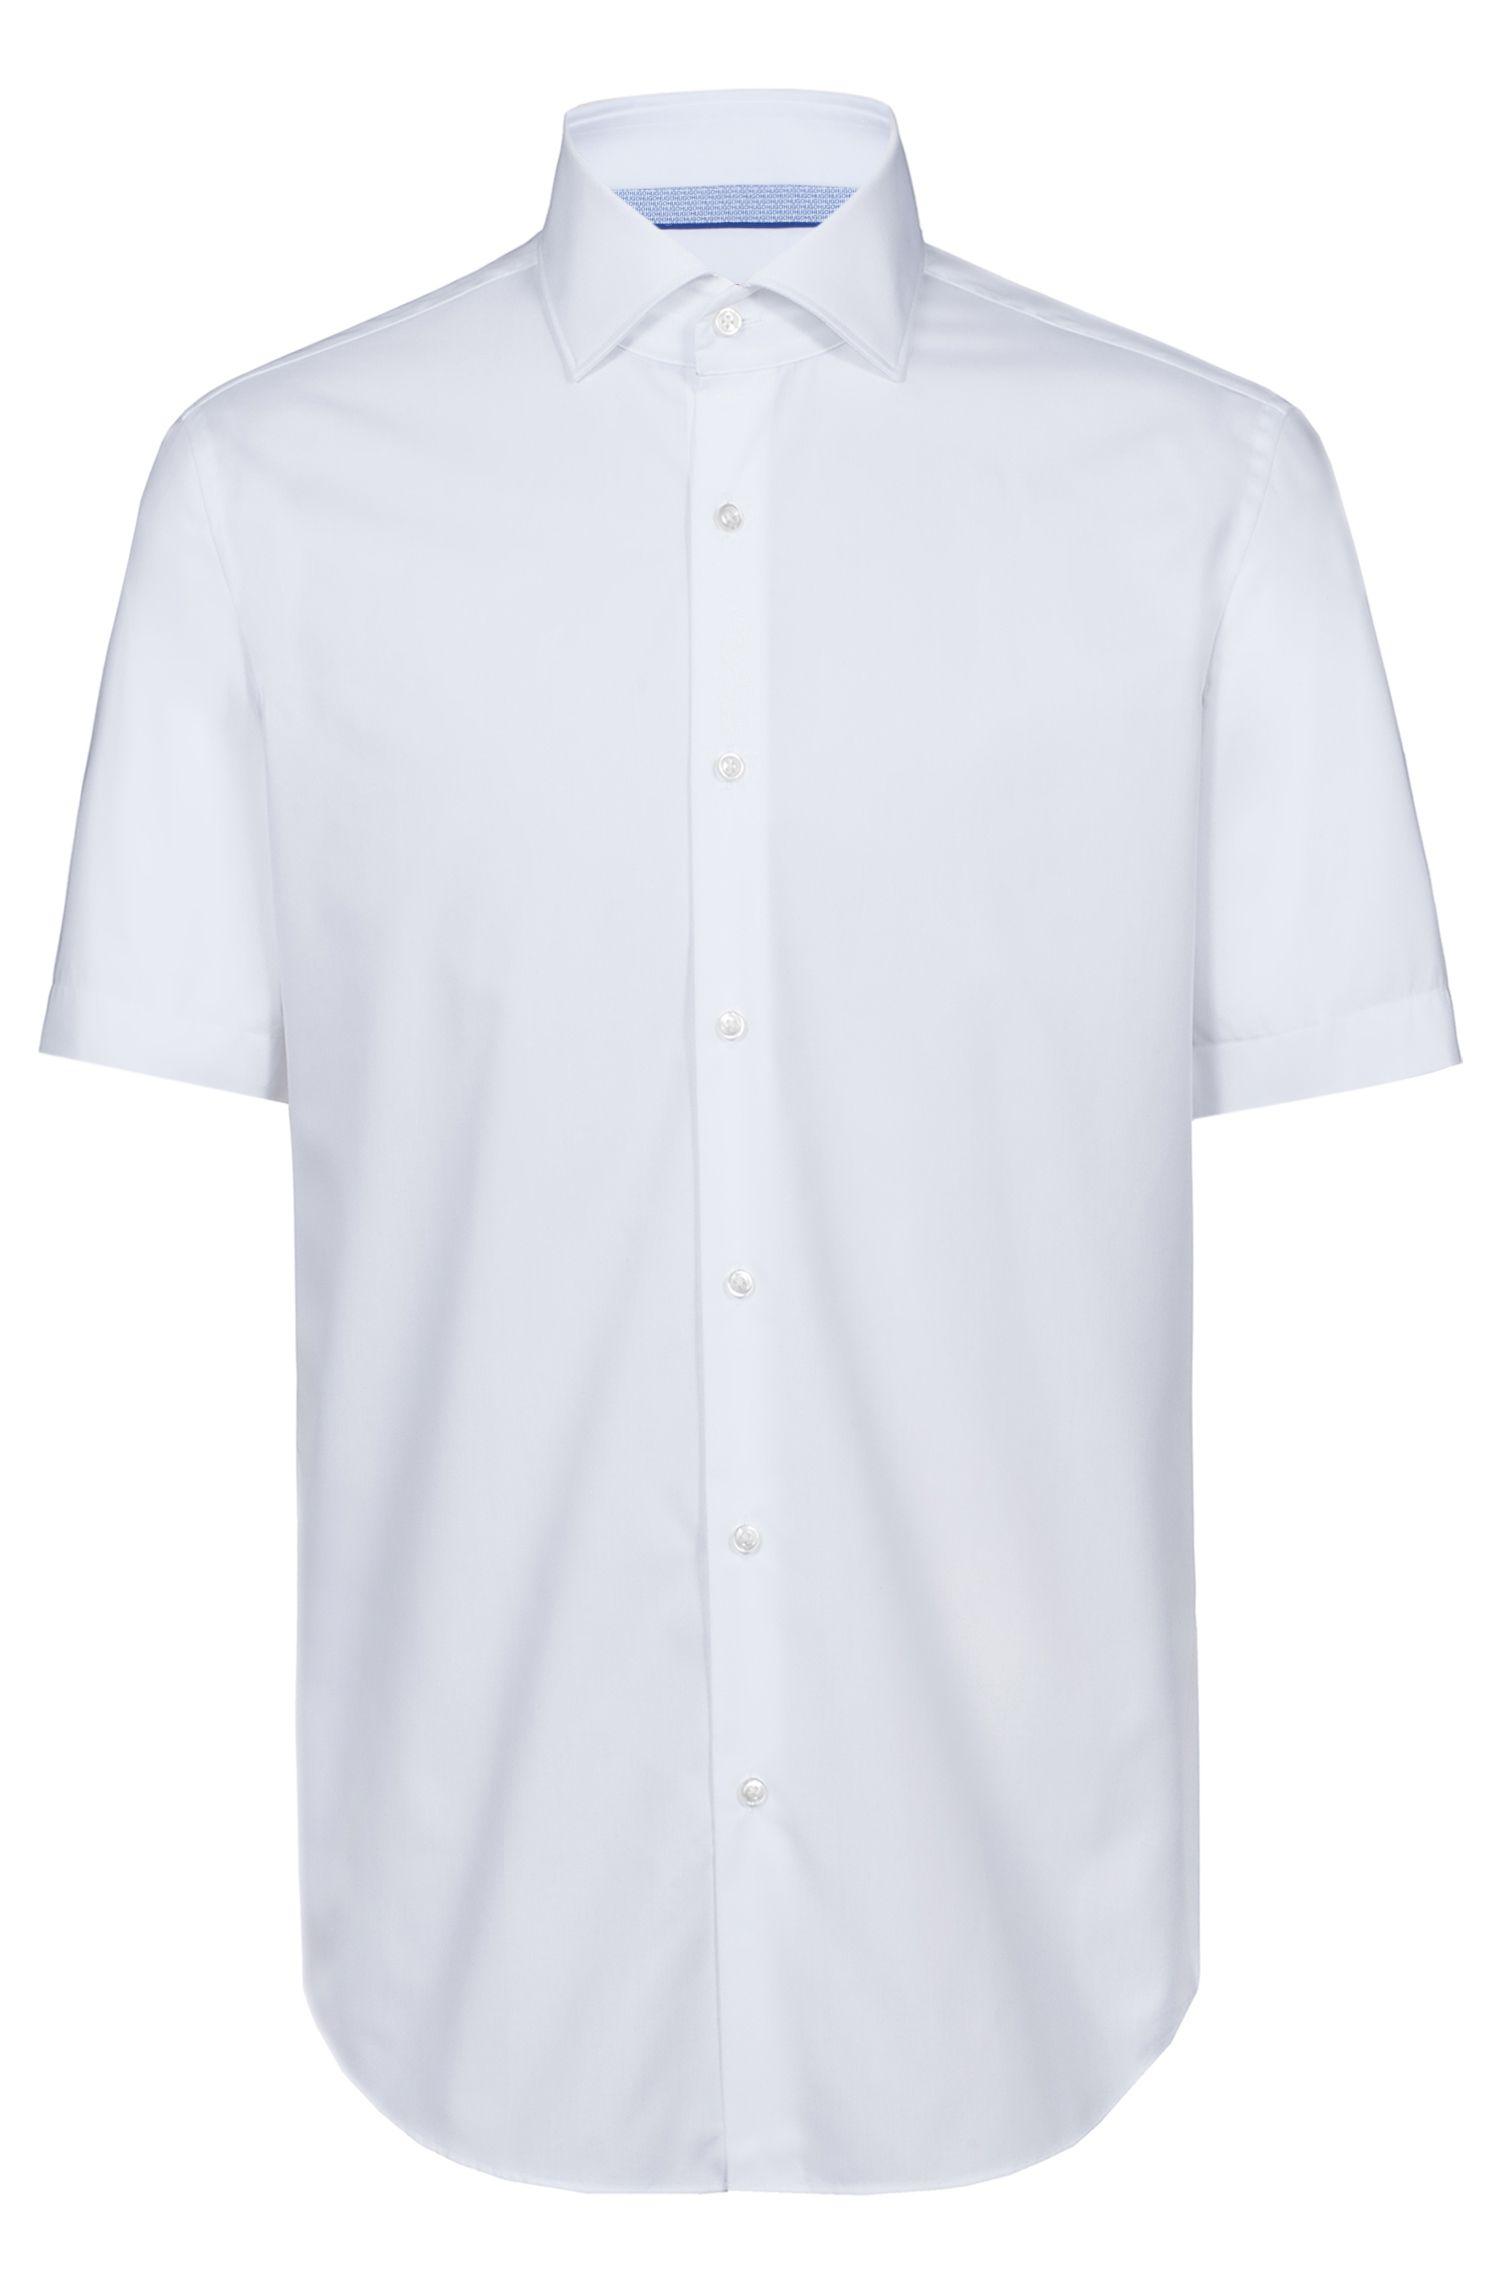 Regular-Fit Kurzarm-Hemd aus Baumwoll-Popeline mit Cutaway-Kragen, Weiß